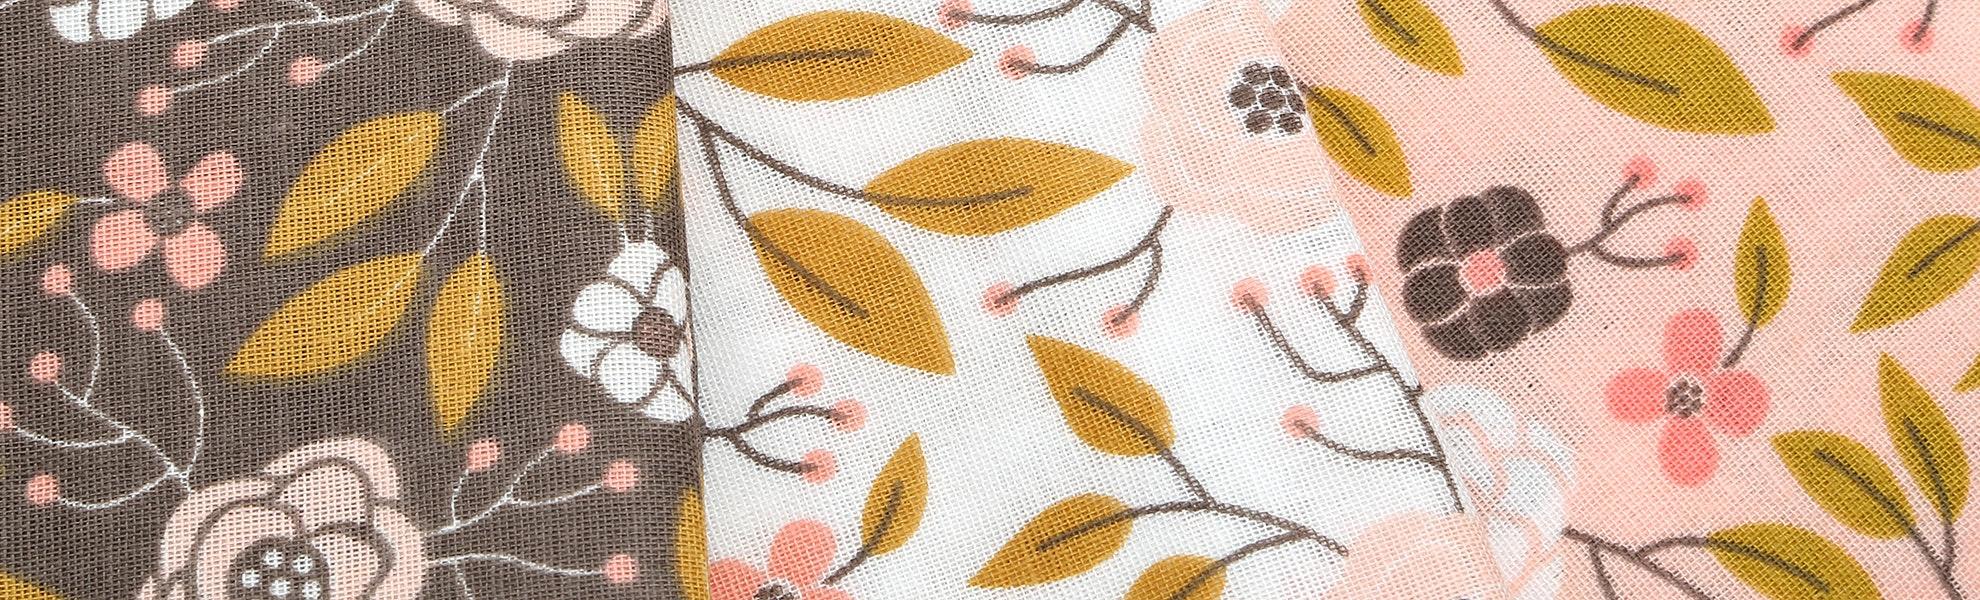 Magnolia Double Gauze Yardage